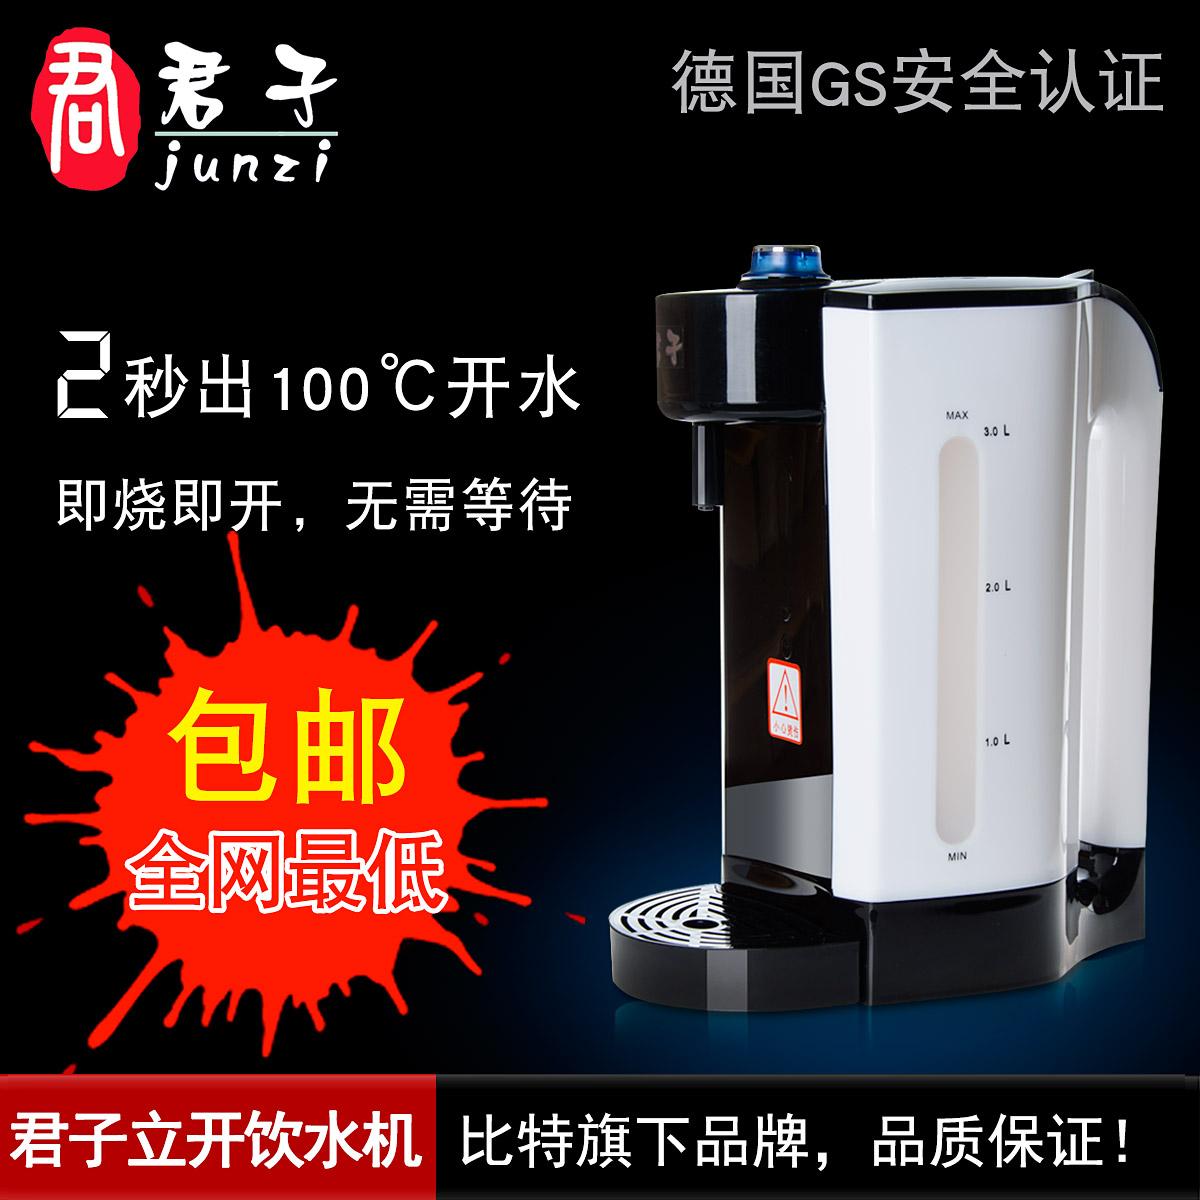 即热式饮水机台式 即热式电热水壶立式开水机开水壶